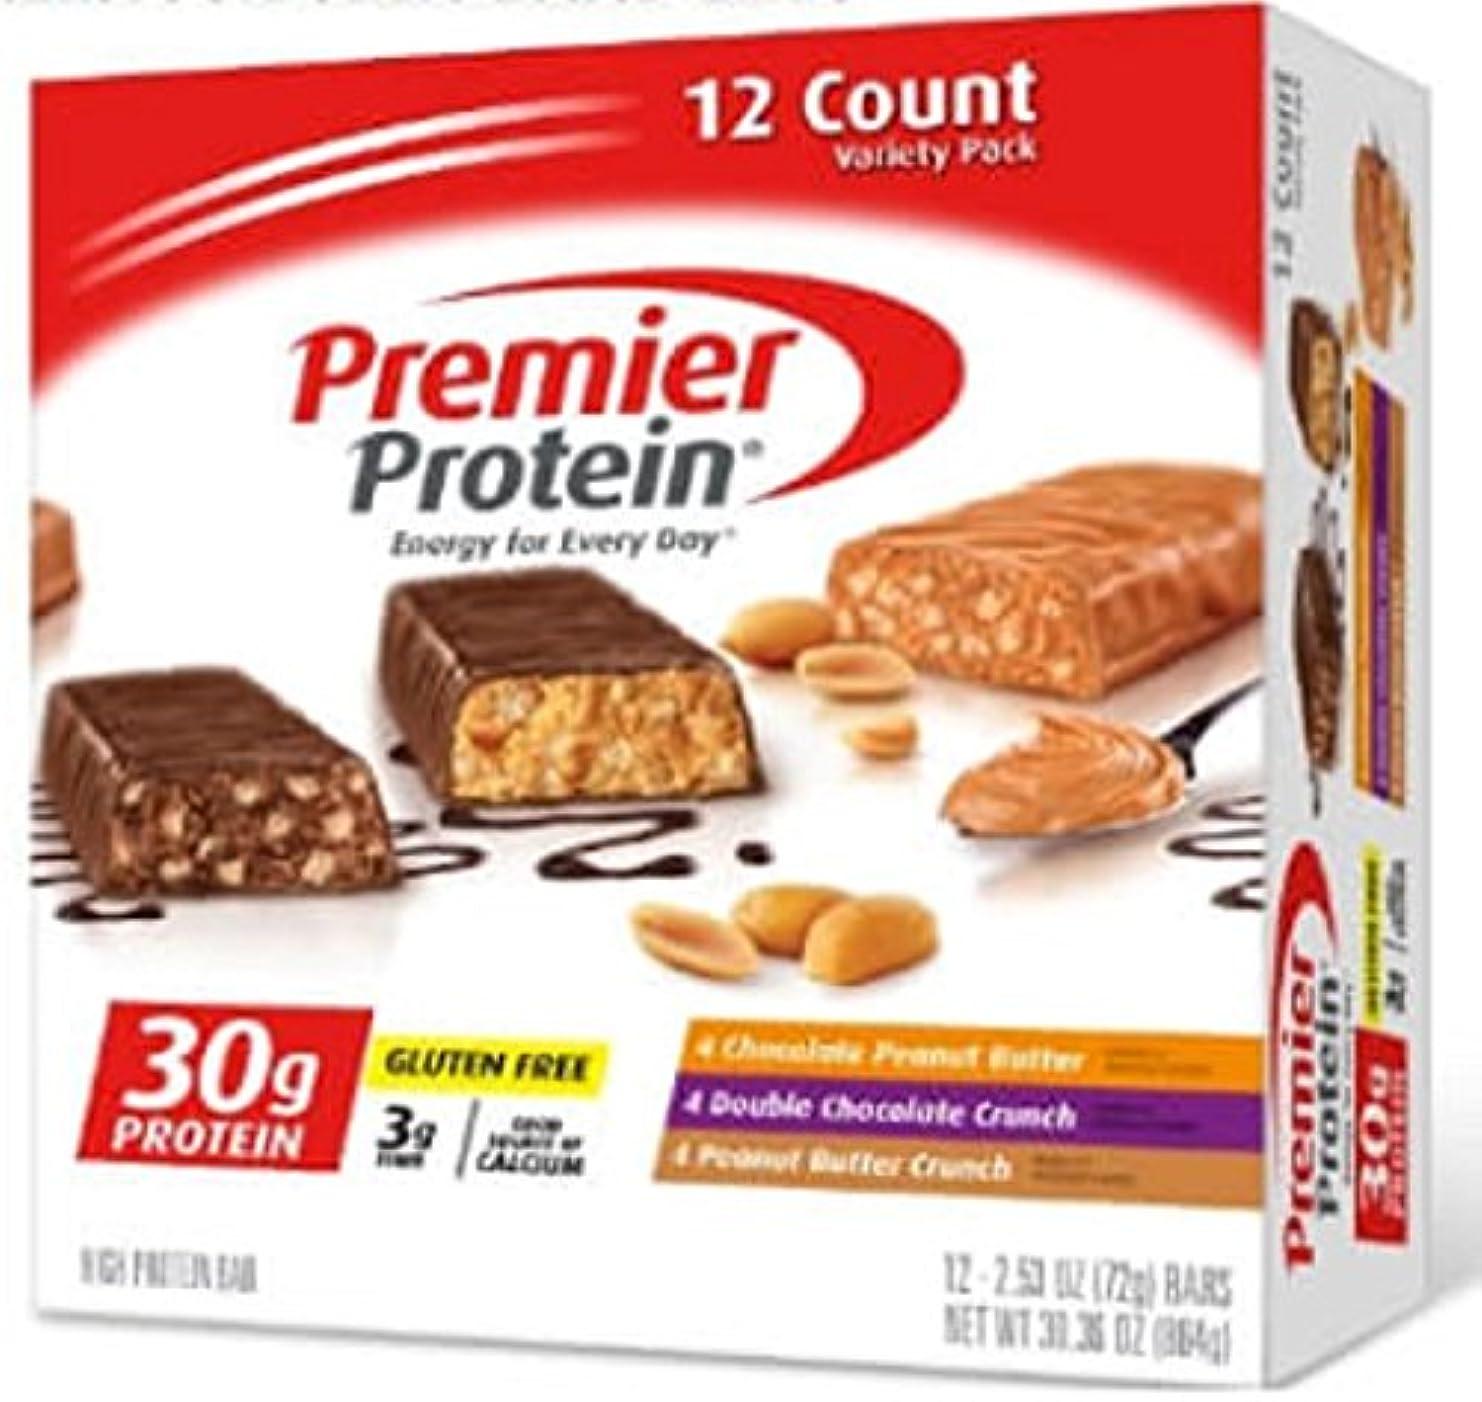 クリスマス心から仕出します【2箱セット】Premier Protein プレミア プロテイン プロテインバー バラエティパック(72g x 12本入り x 2箱)